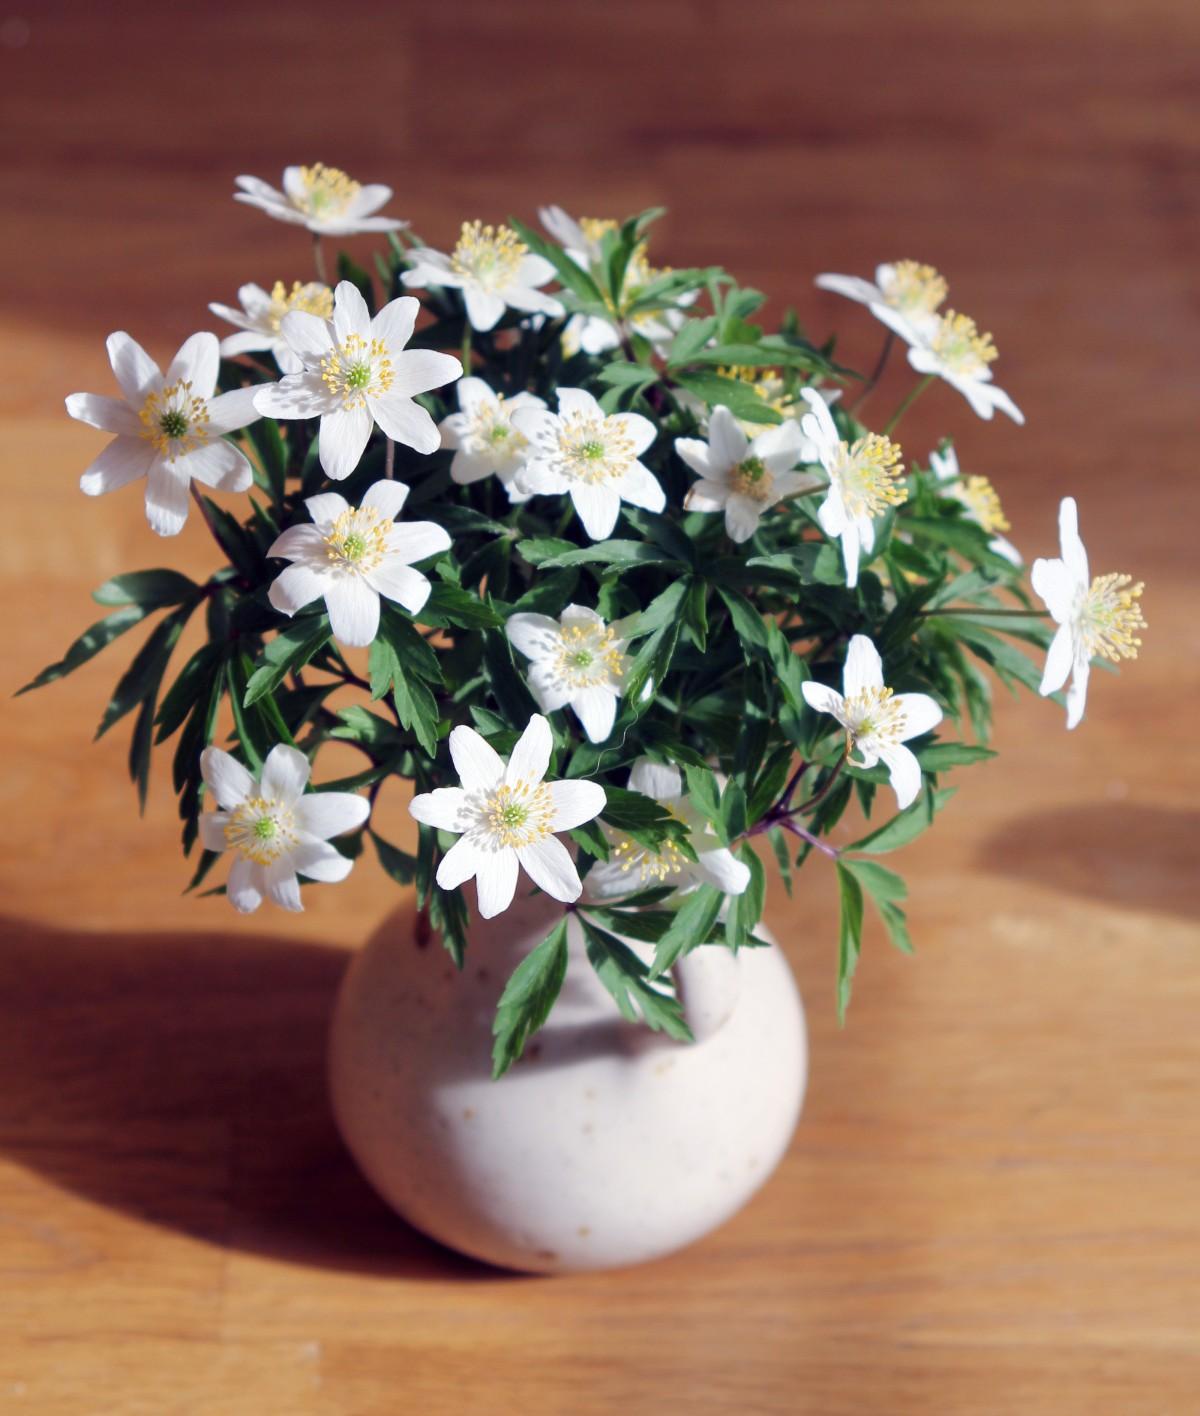 Bakgrundsbilder Vitsippa Blommor Bukett Vas V 229 Rblommor Anemoner V 229 Rblomma Blomma Vit